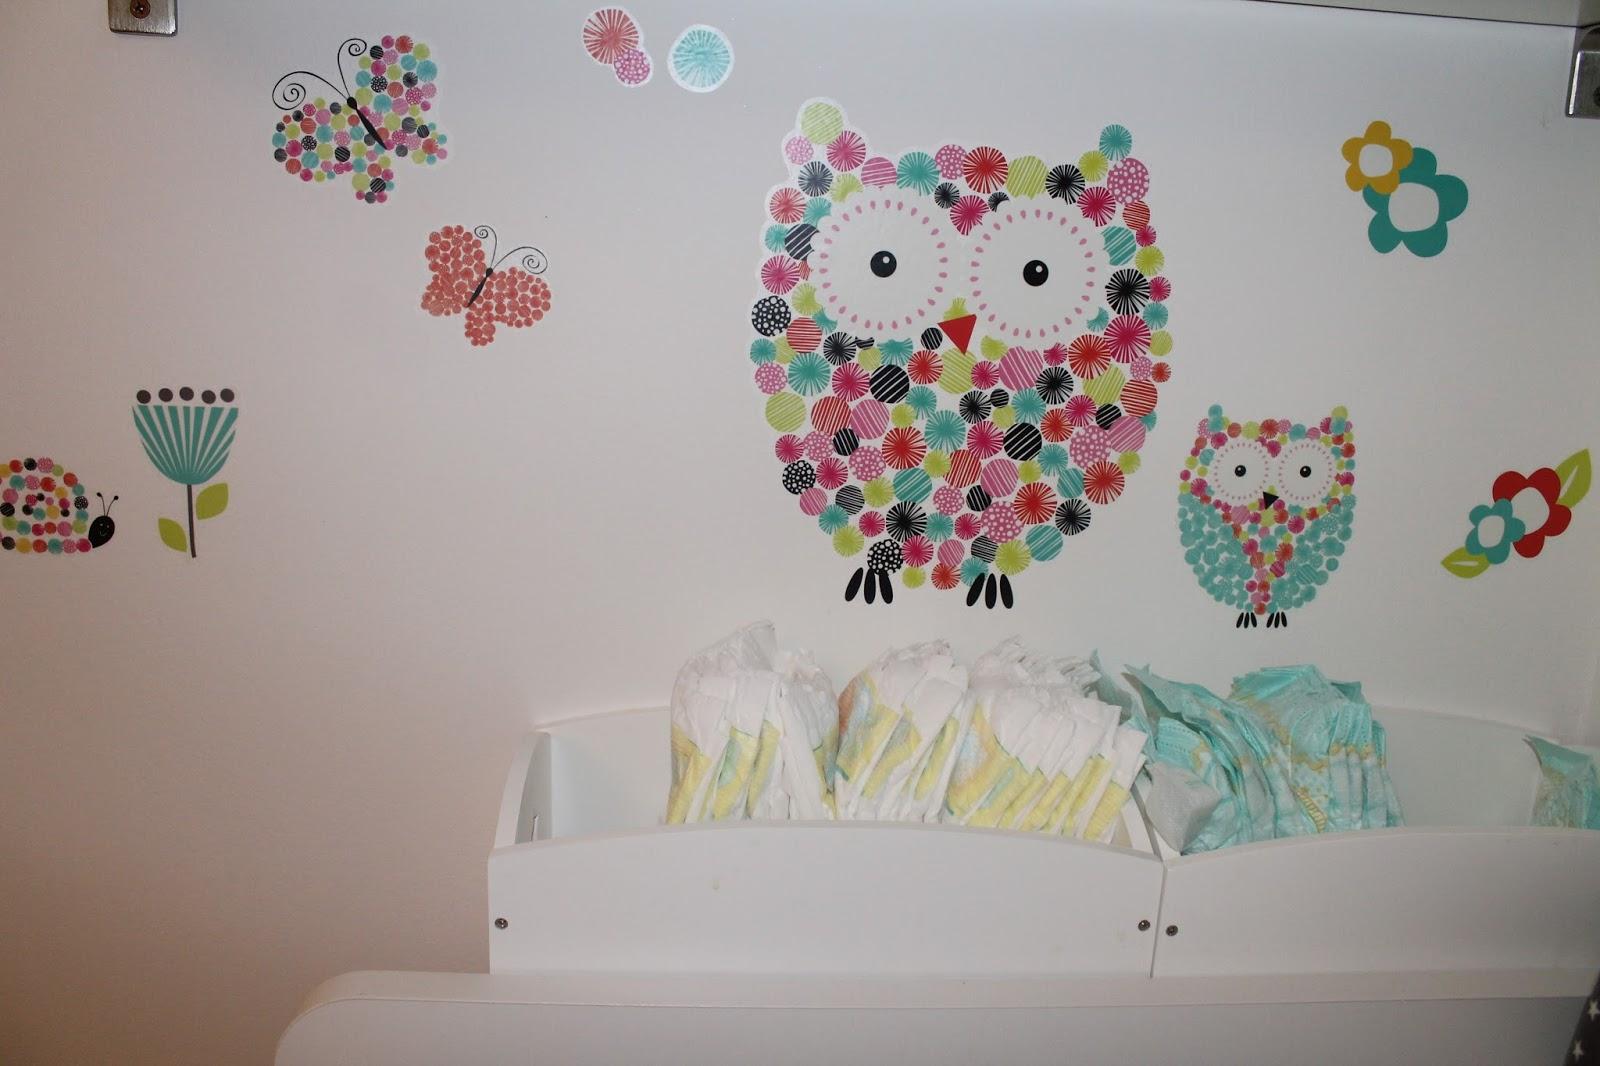 Roommates Wanddeko Frischer Wind F R Unser Kinderzimmer